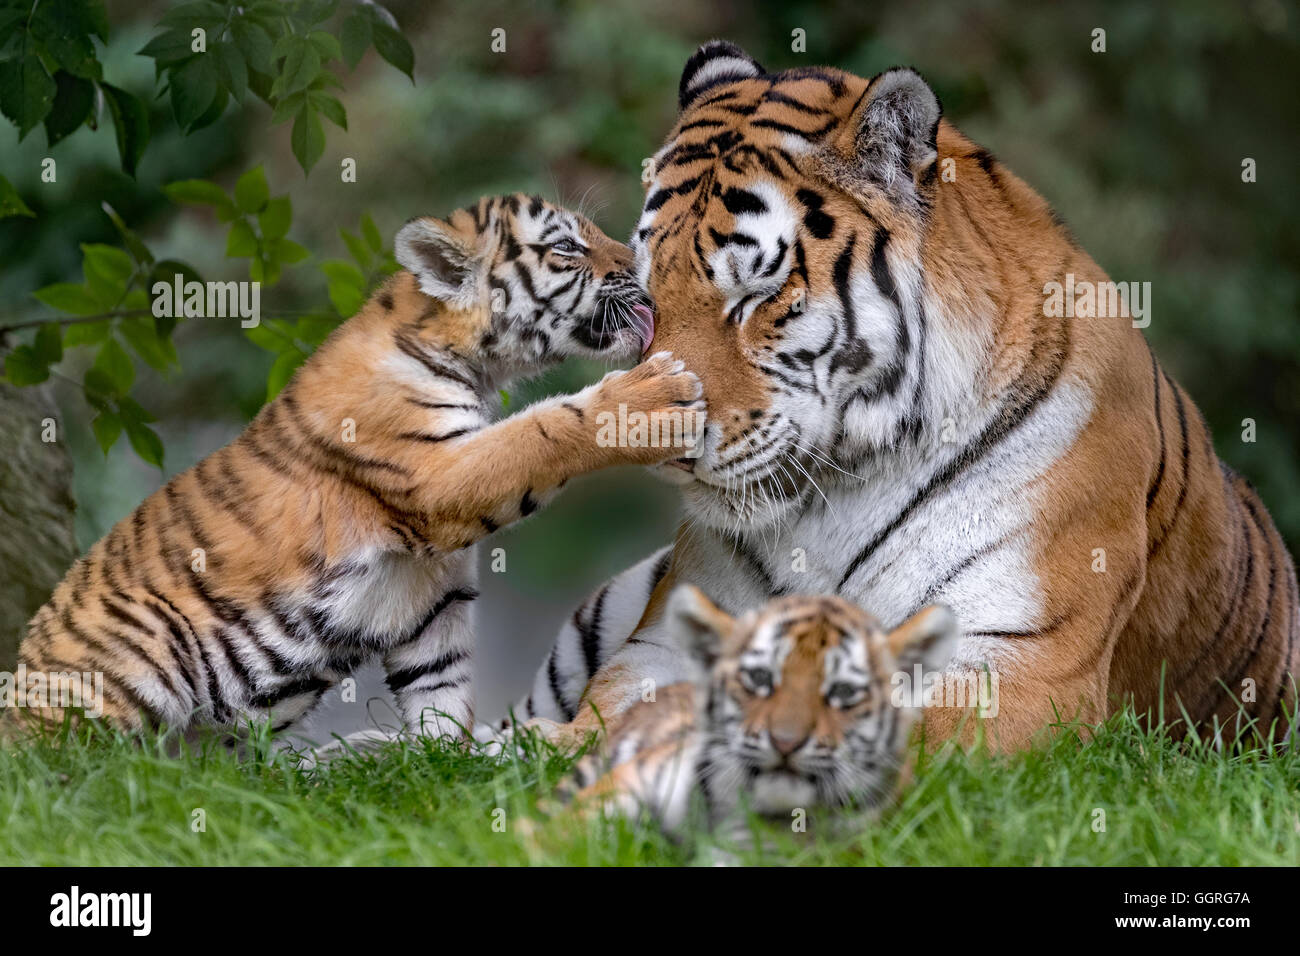 Cachorros de tigre Amur, 11 semanas de edad Imagen De Stock